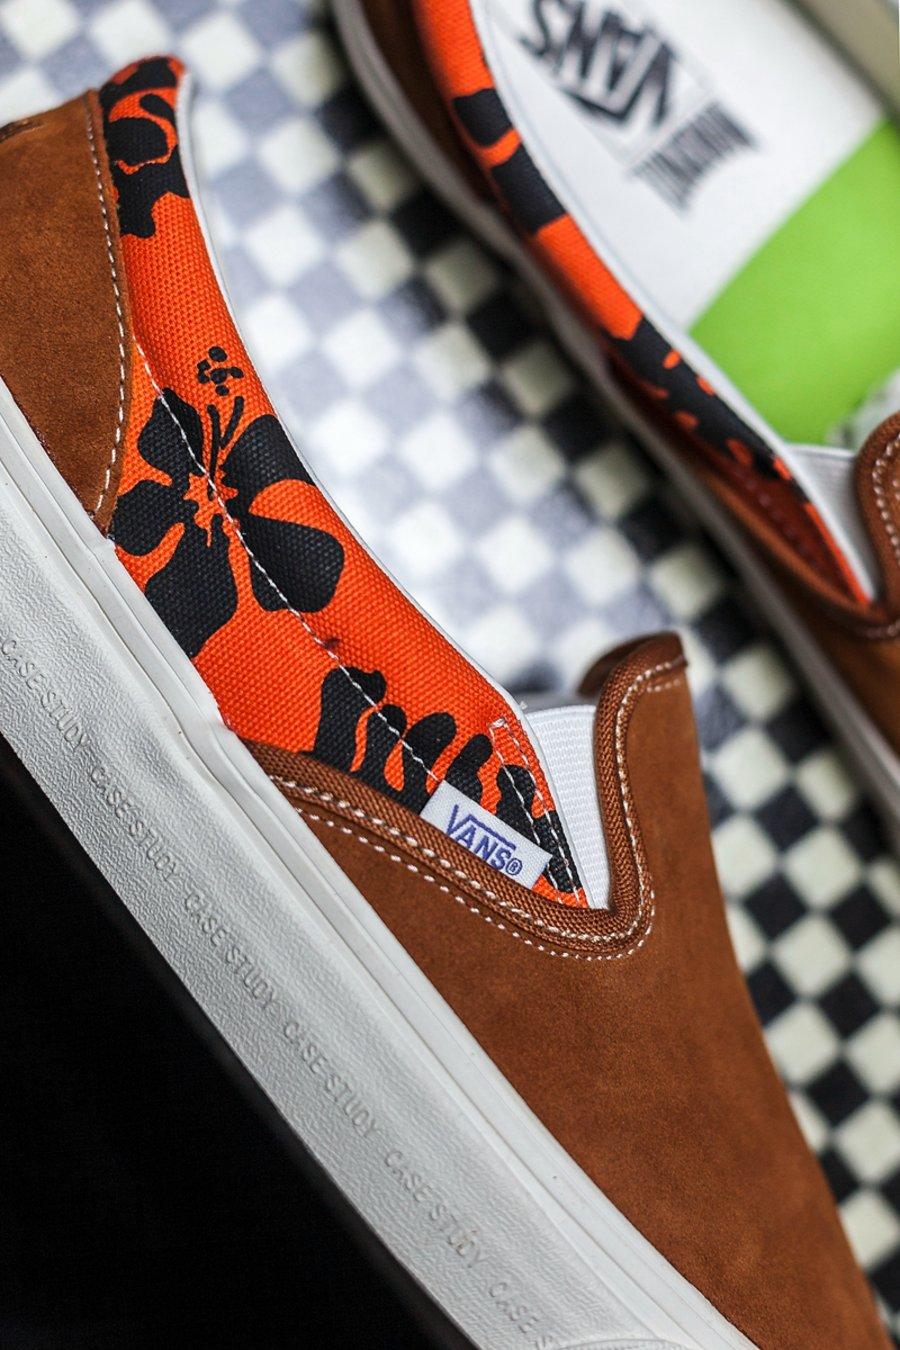 Air Jordan 1,Air Jordan 6,Nike  吃的喝的也能跟球鞋联名!这些「跨界鞋款」把我看傻了!